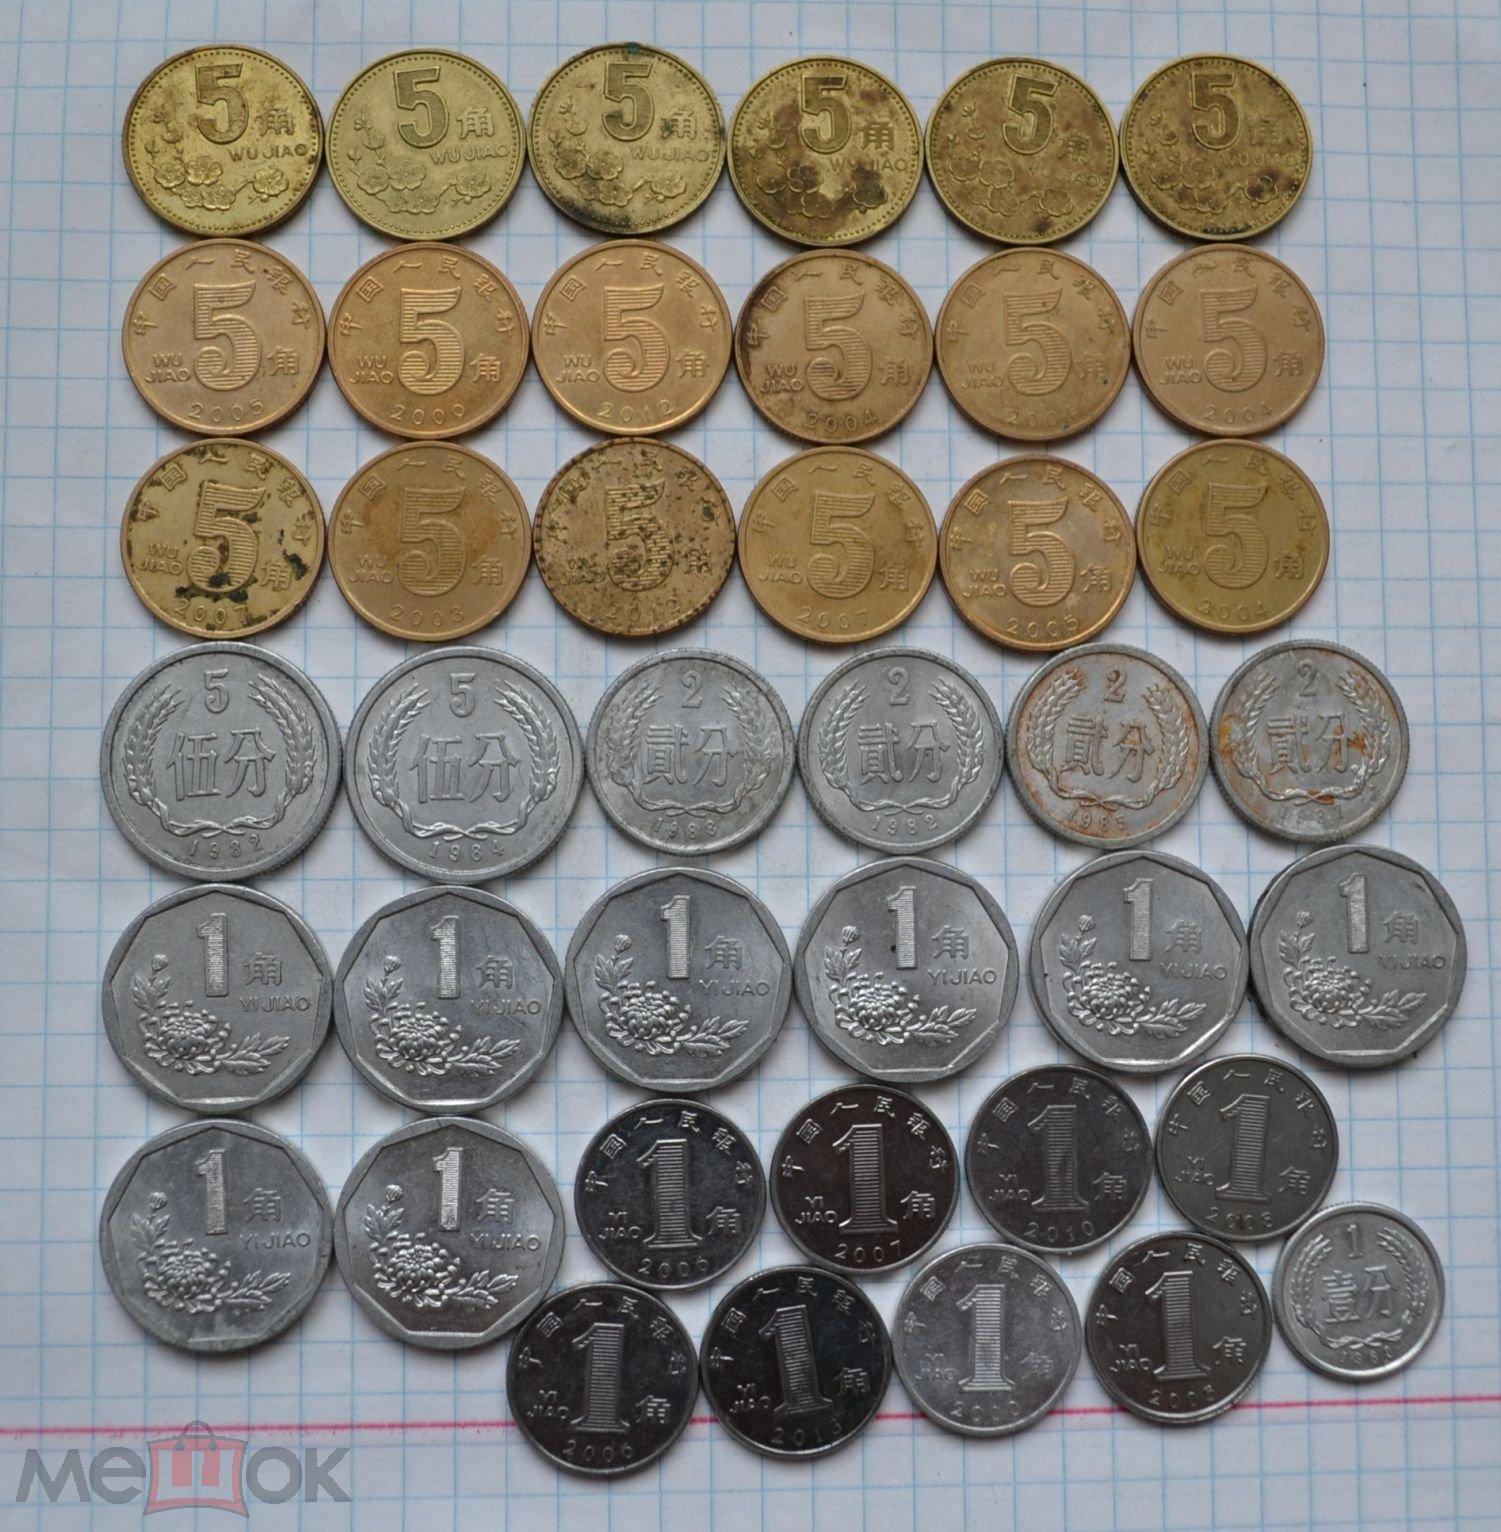 1 дзяо поиск монеты царской россии